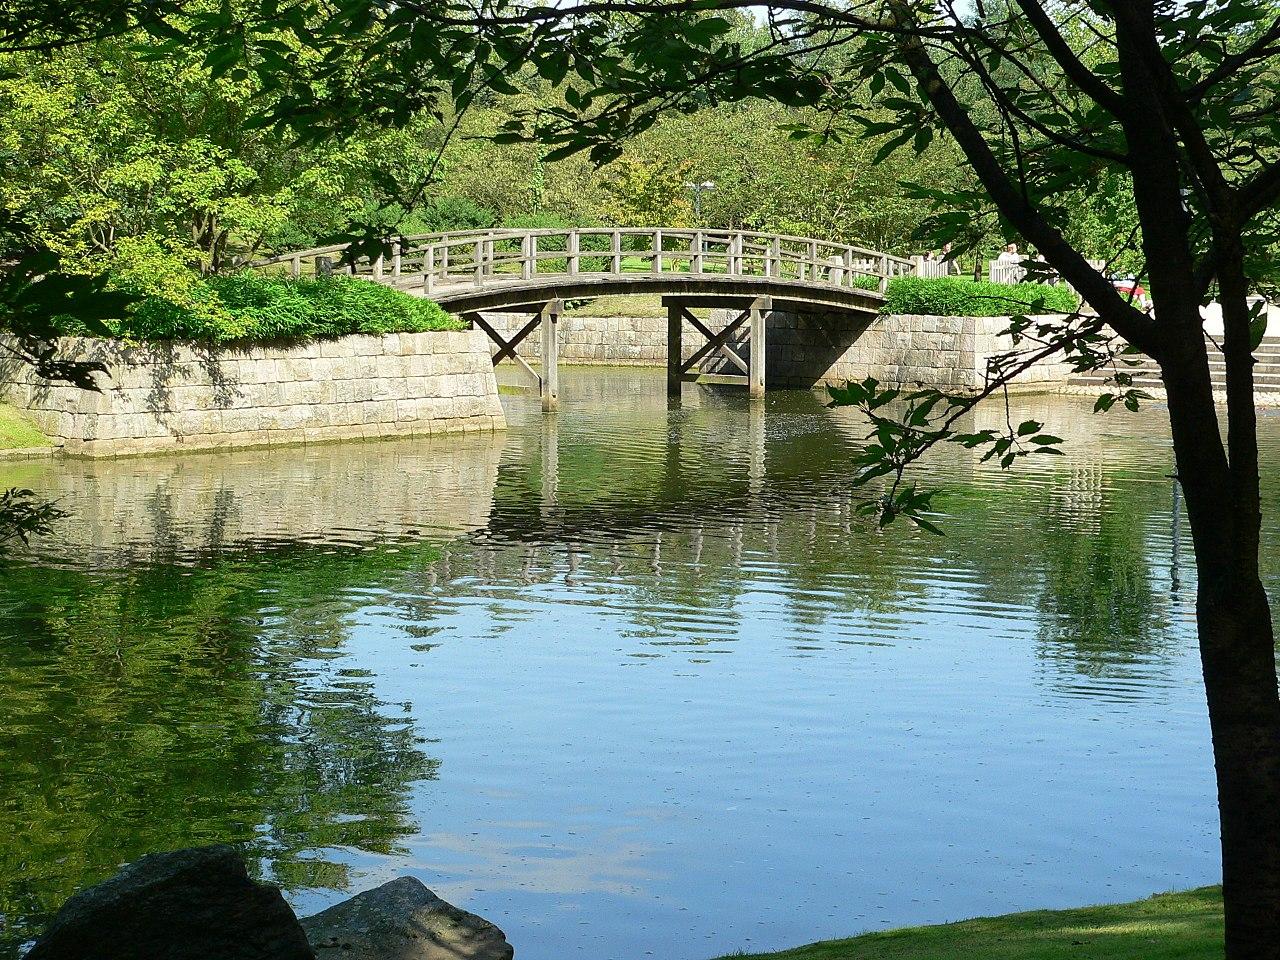 File:Hasselt-Japanischer-Garten-Brücke-20060906.JPG - Wikimedia ...